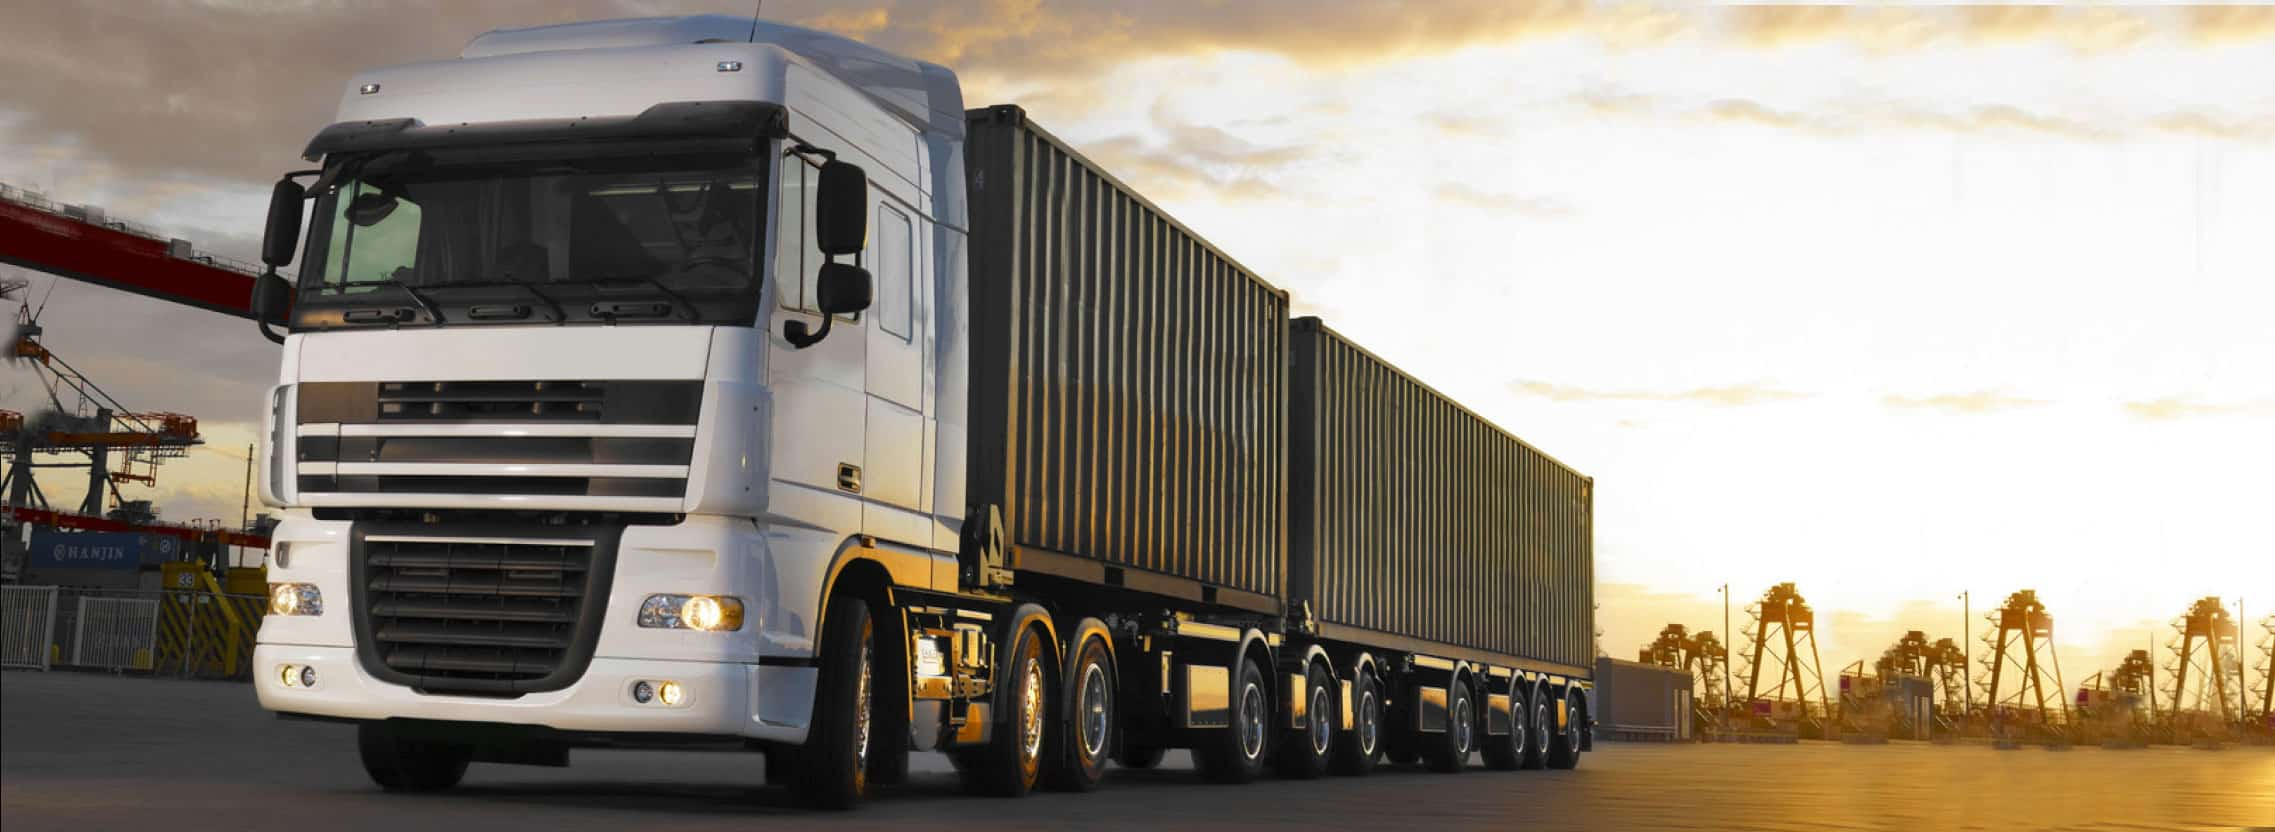 jasa pengiriman kontainer